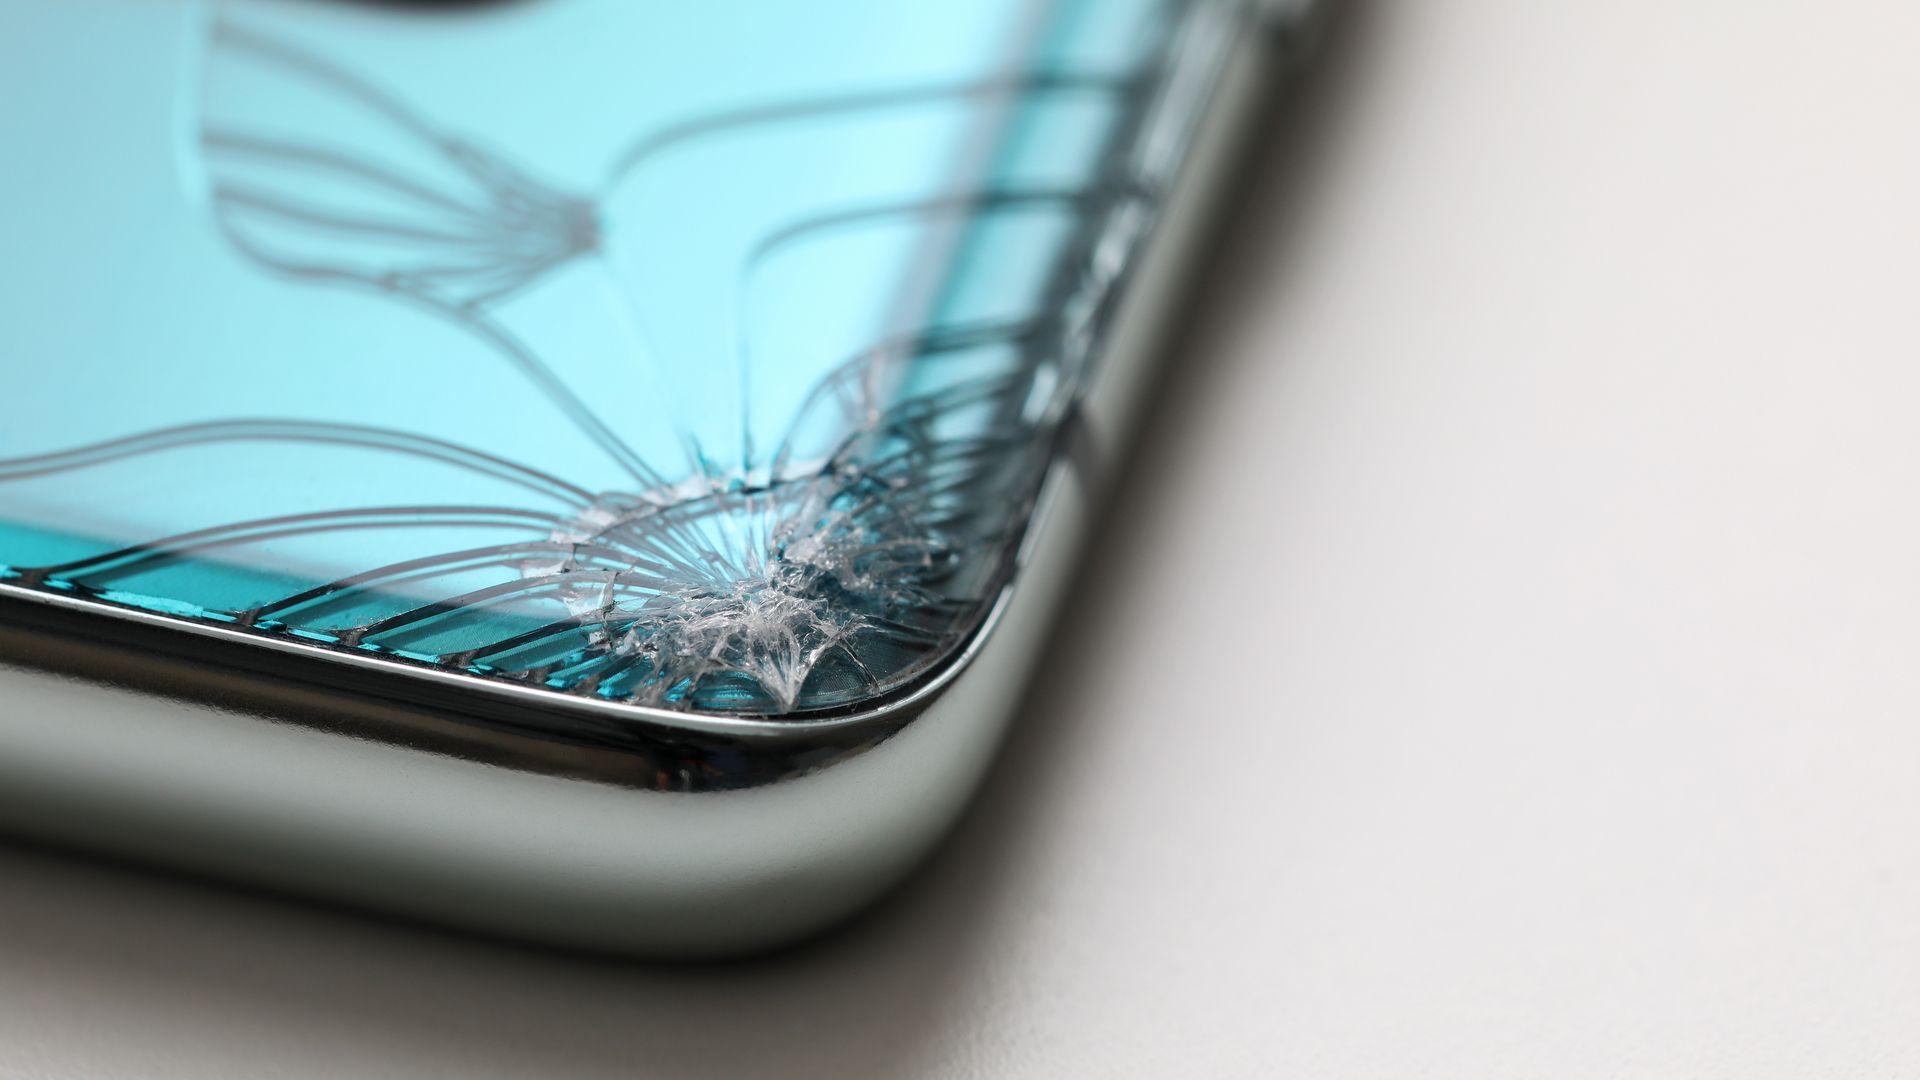 Celular com tela curva quebrada. (Imagem: megaflopp/Shutterstock)